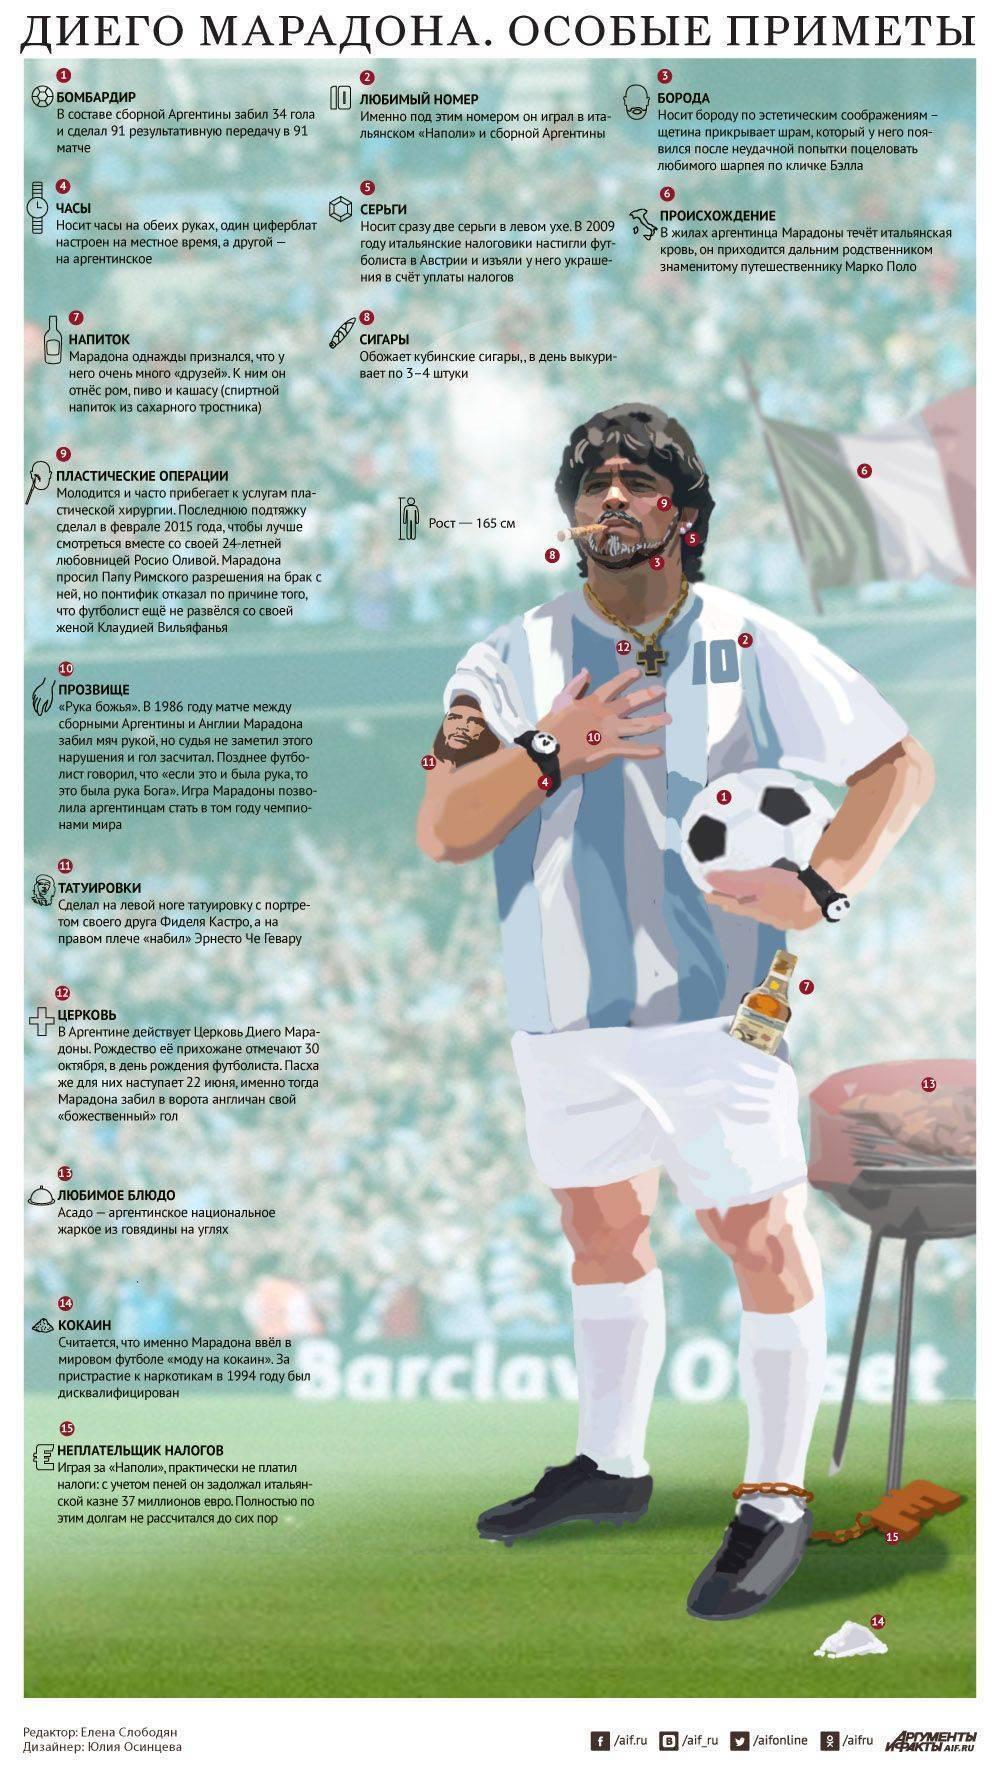 Прозвища известных футболистов мира